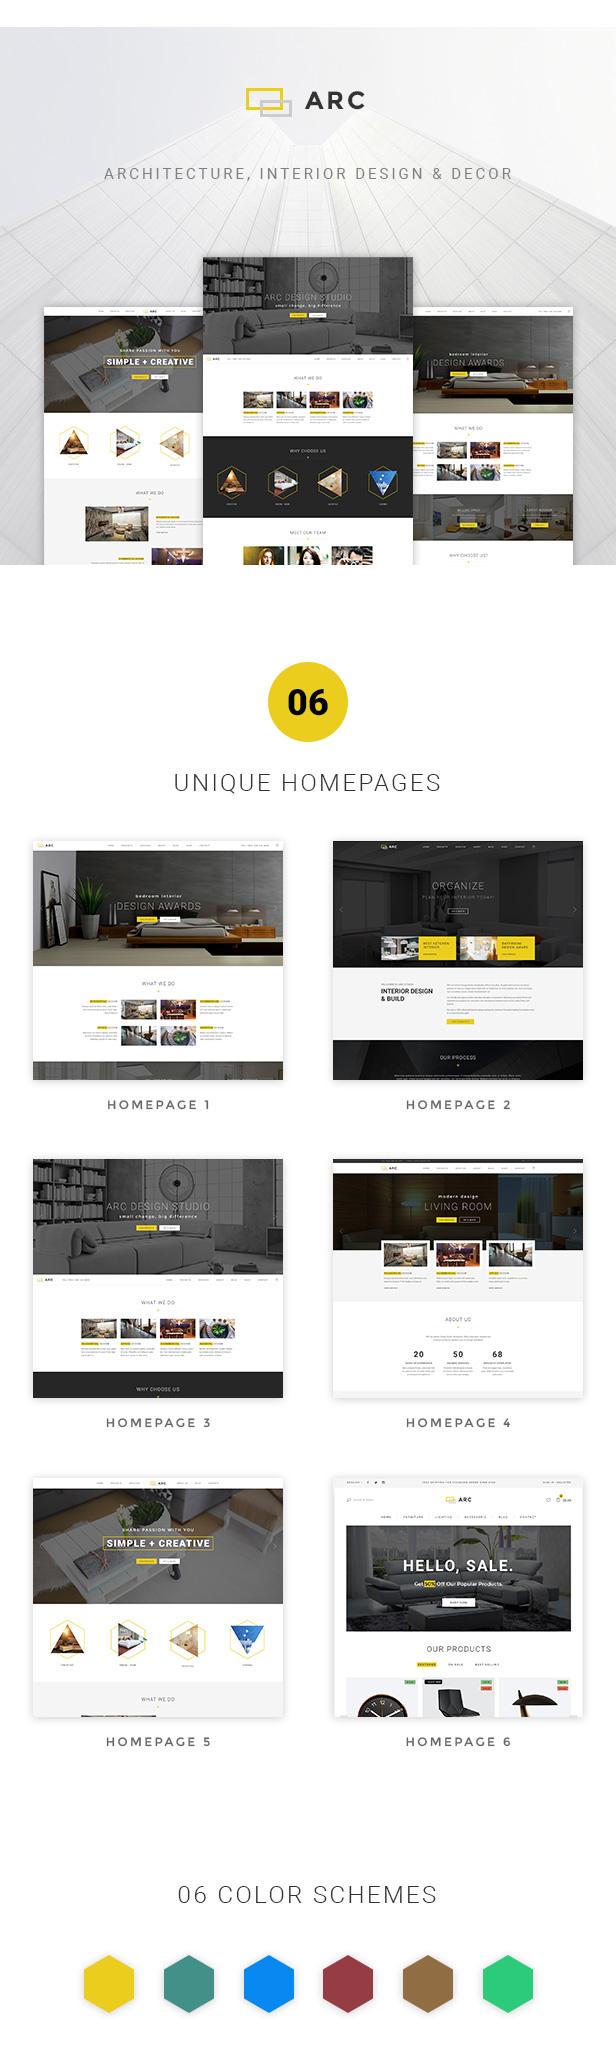 Interior Design, Home Decor, Decoration, Art Decor, Furniture, Architecture, Business, Corporate